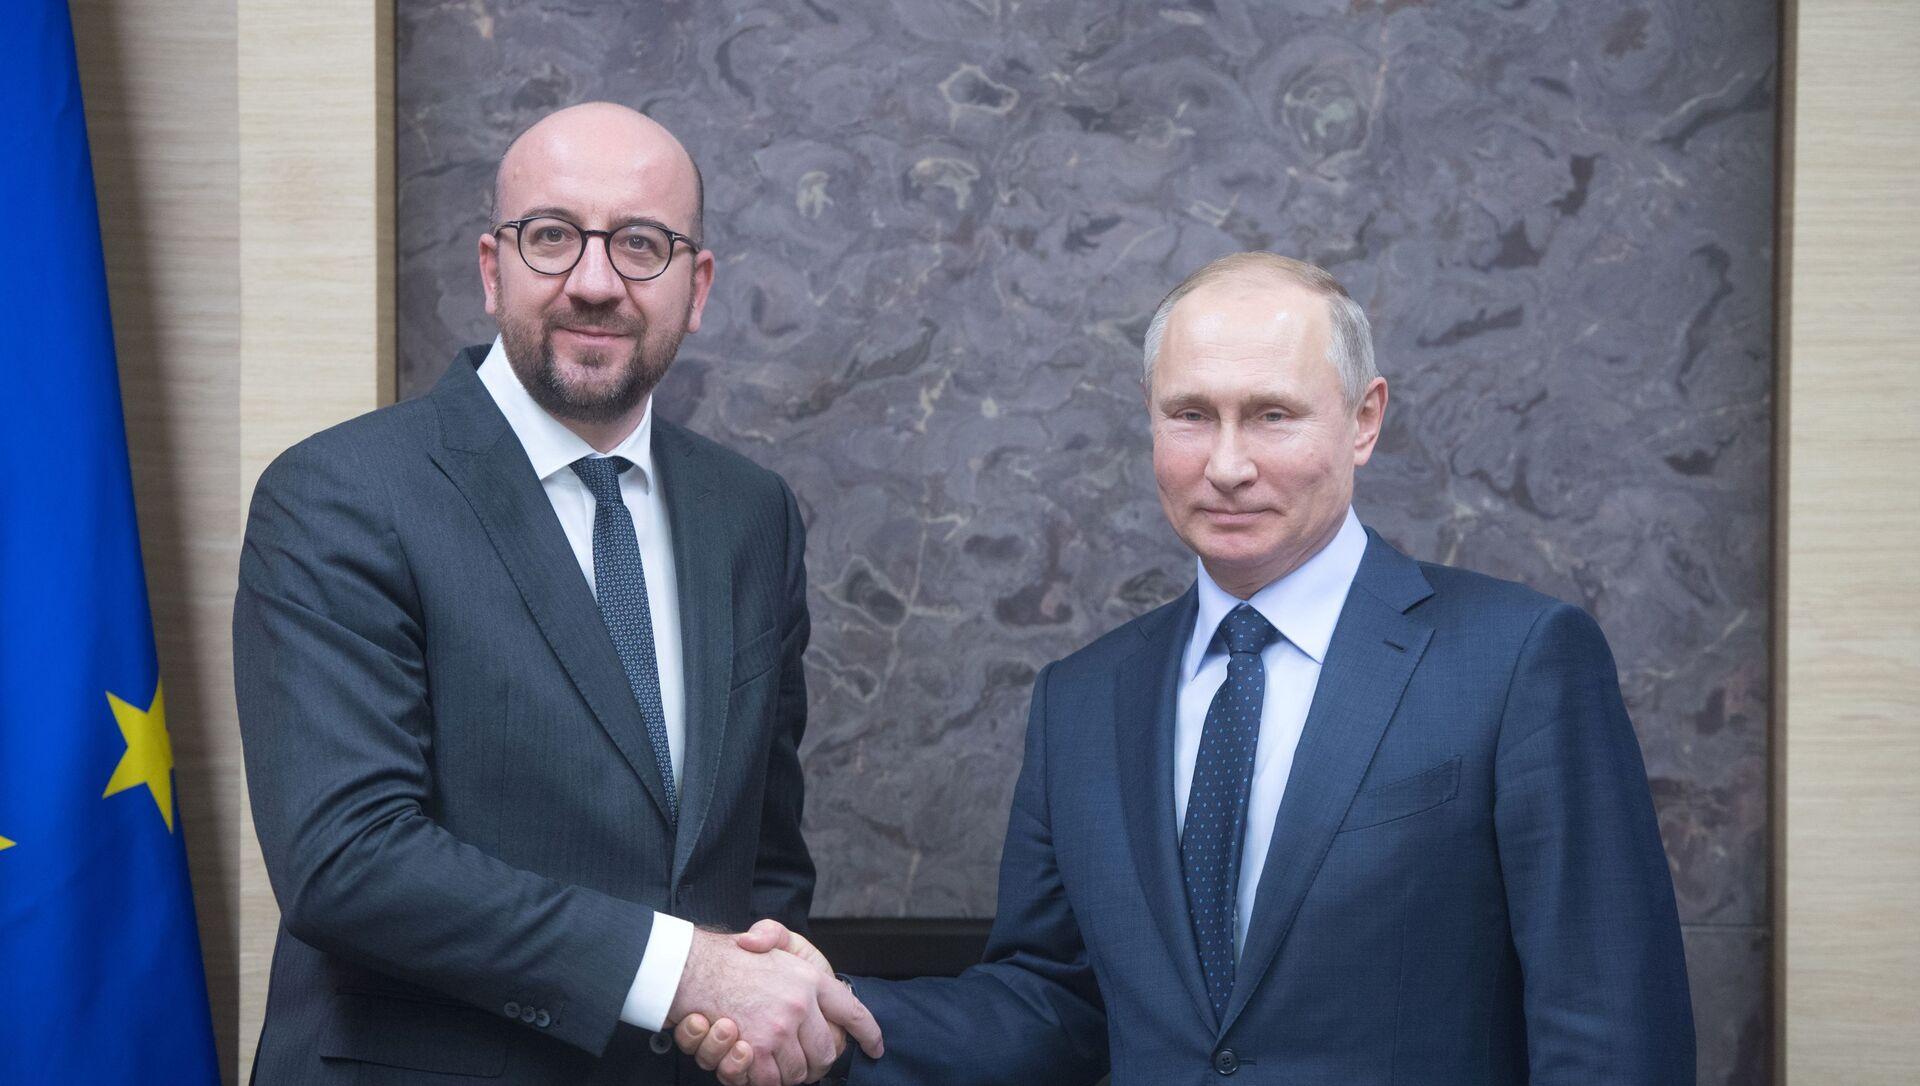 Президент РФ В. Путин встретился с премьер-министром Бельгии Ш. Мишелем - Sputnik Azərbaycan, 1920, 08.09.2021